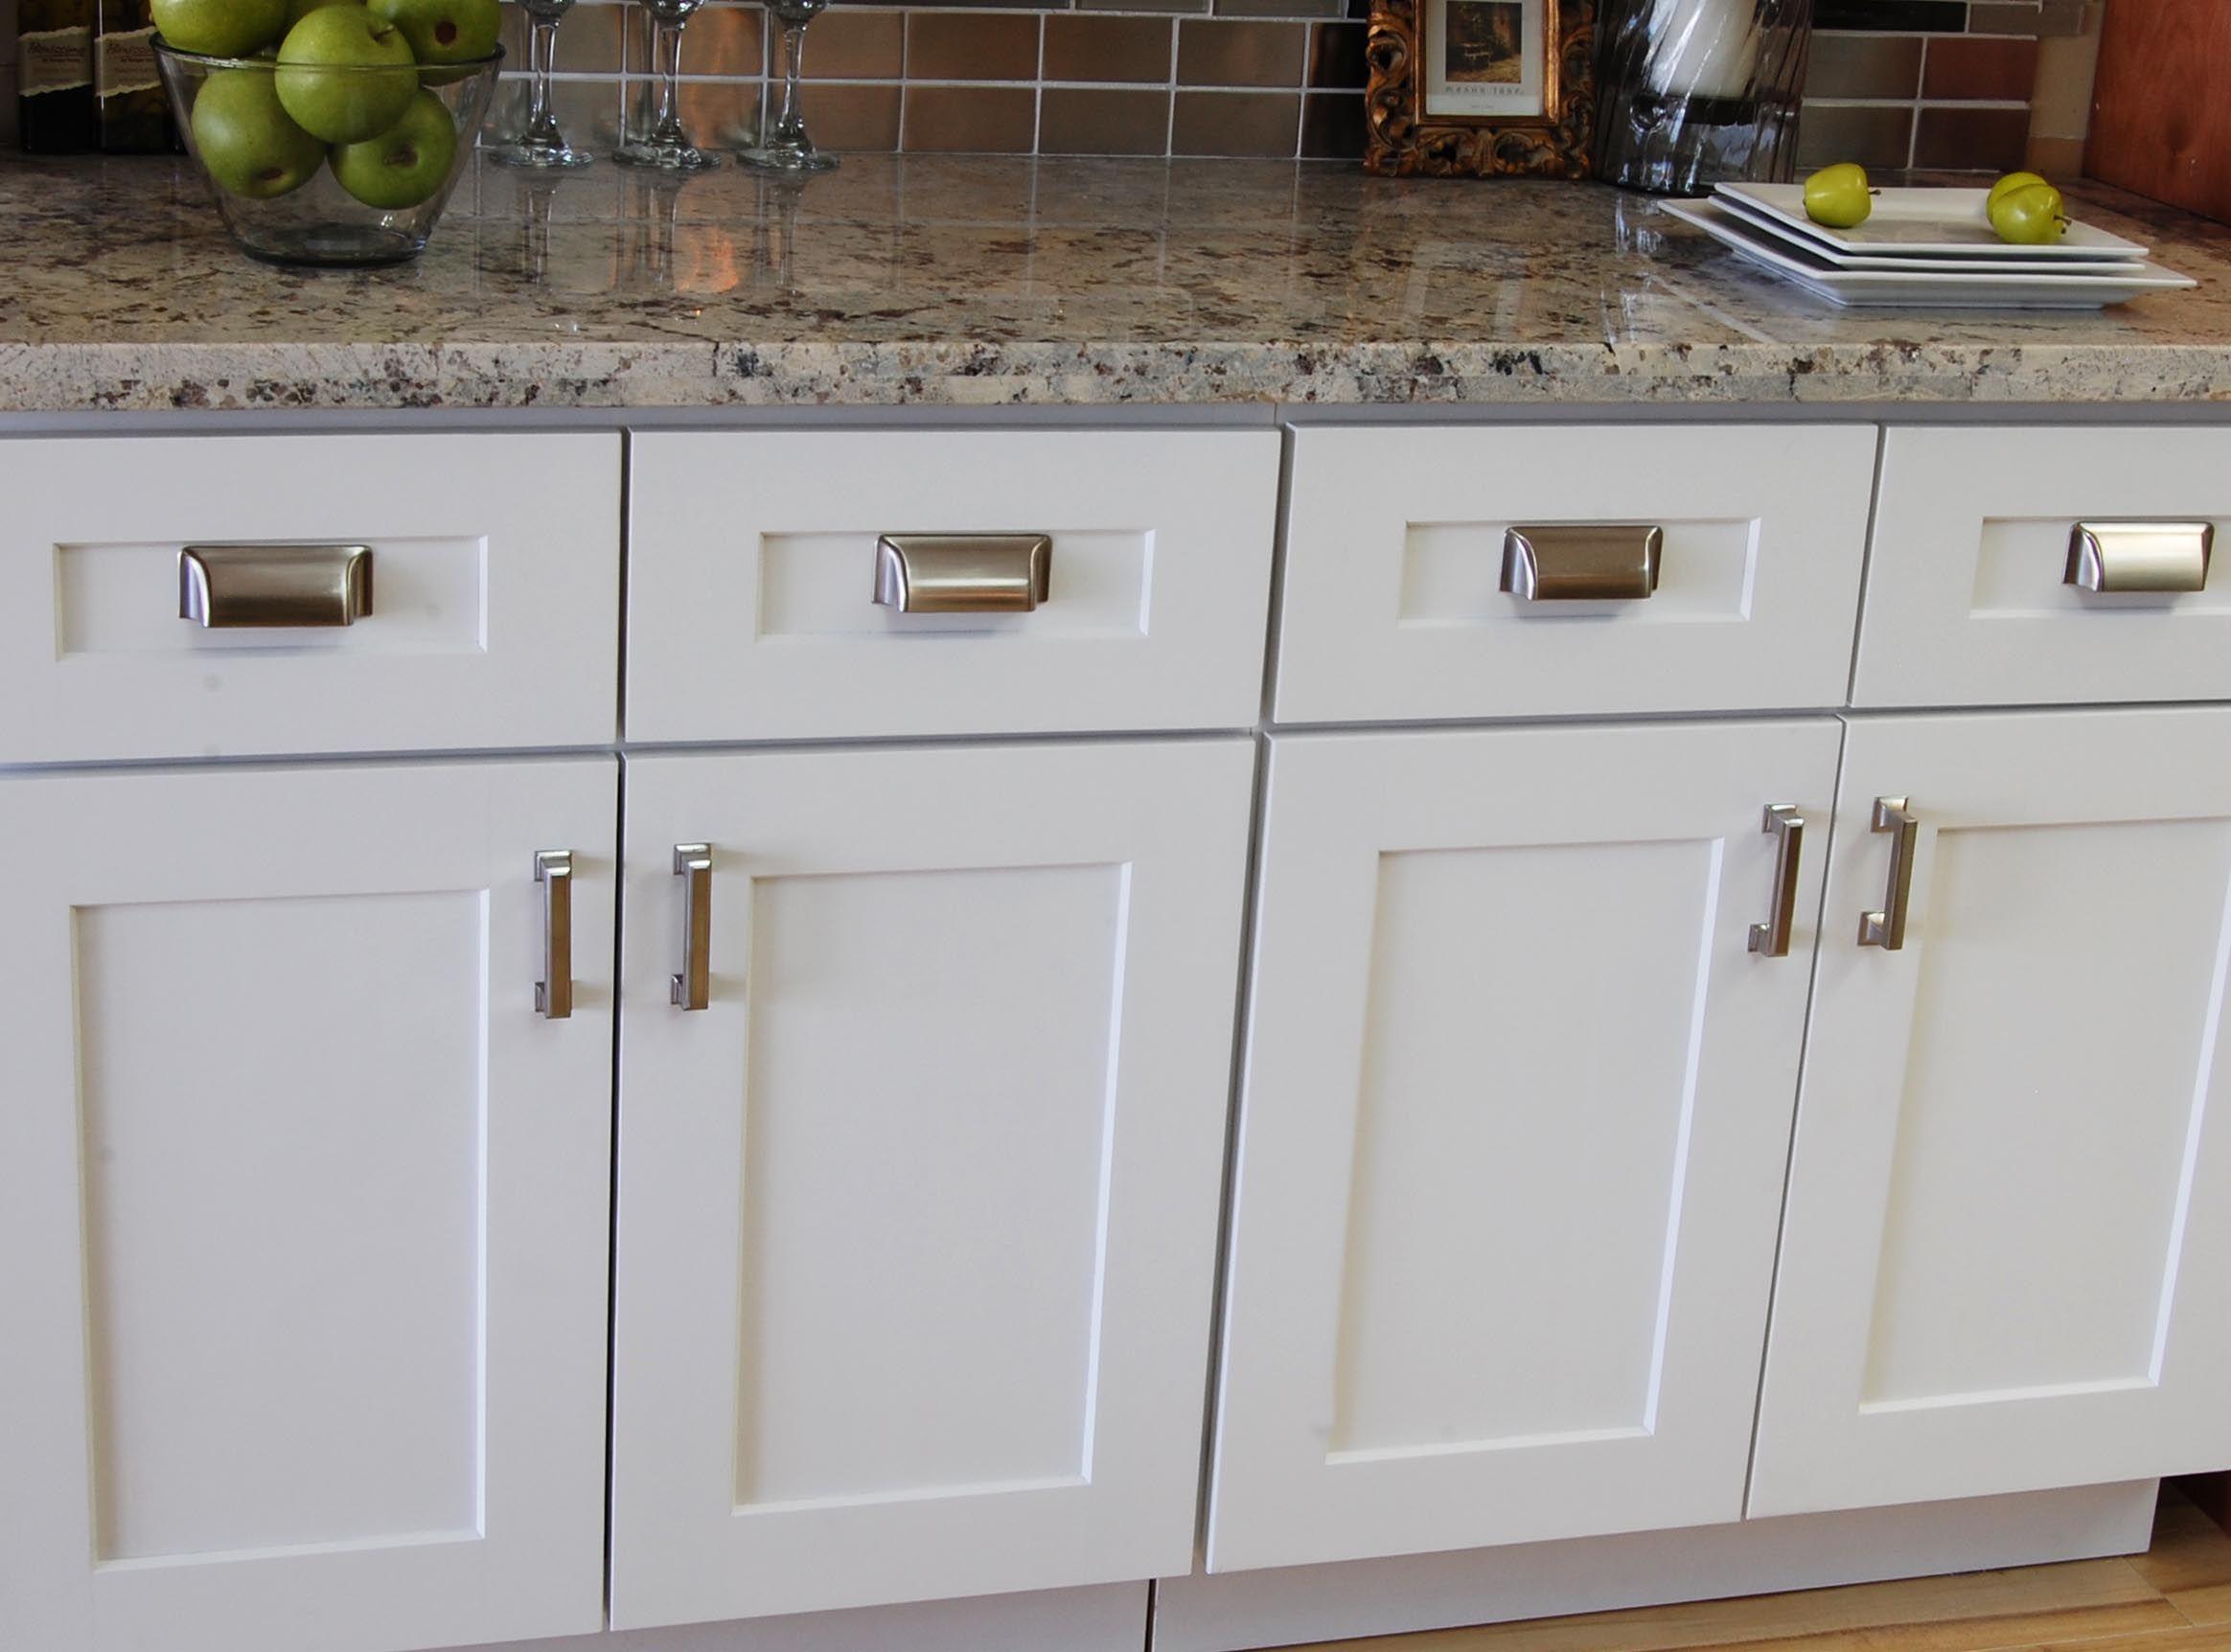 Küchenschränke Türen | Küchenschrank Zum Apothekerschrank Umbauen ...